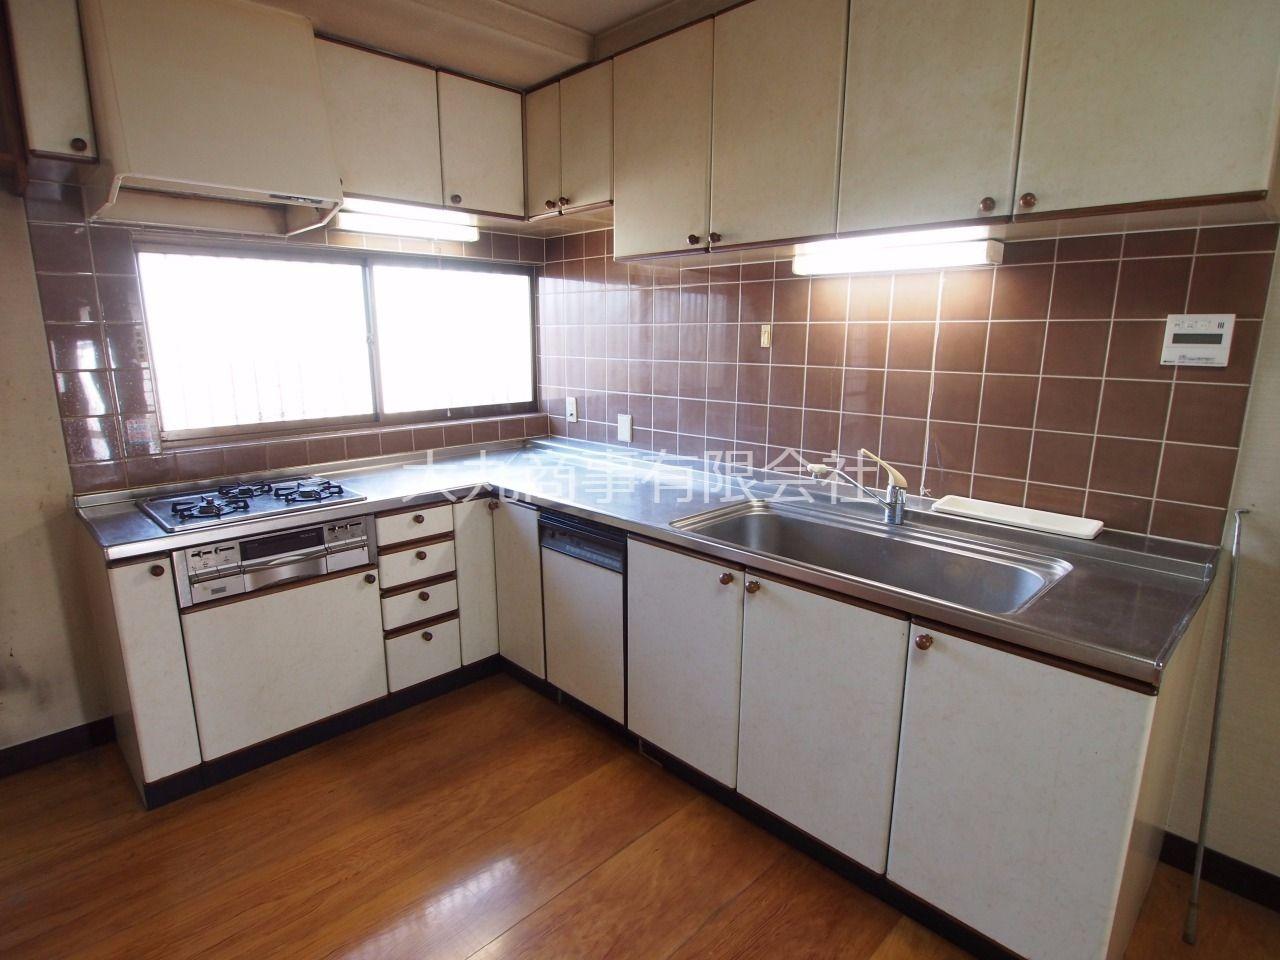 ビルトインガスコンロのあるL型キッチン